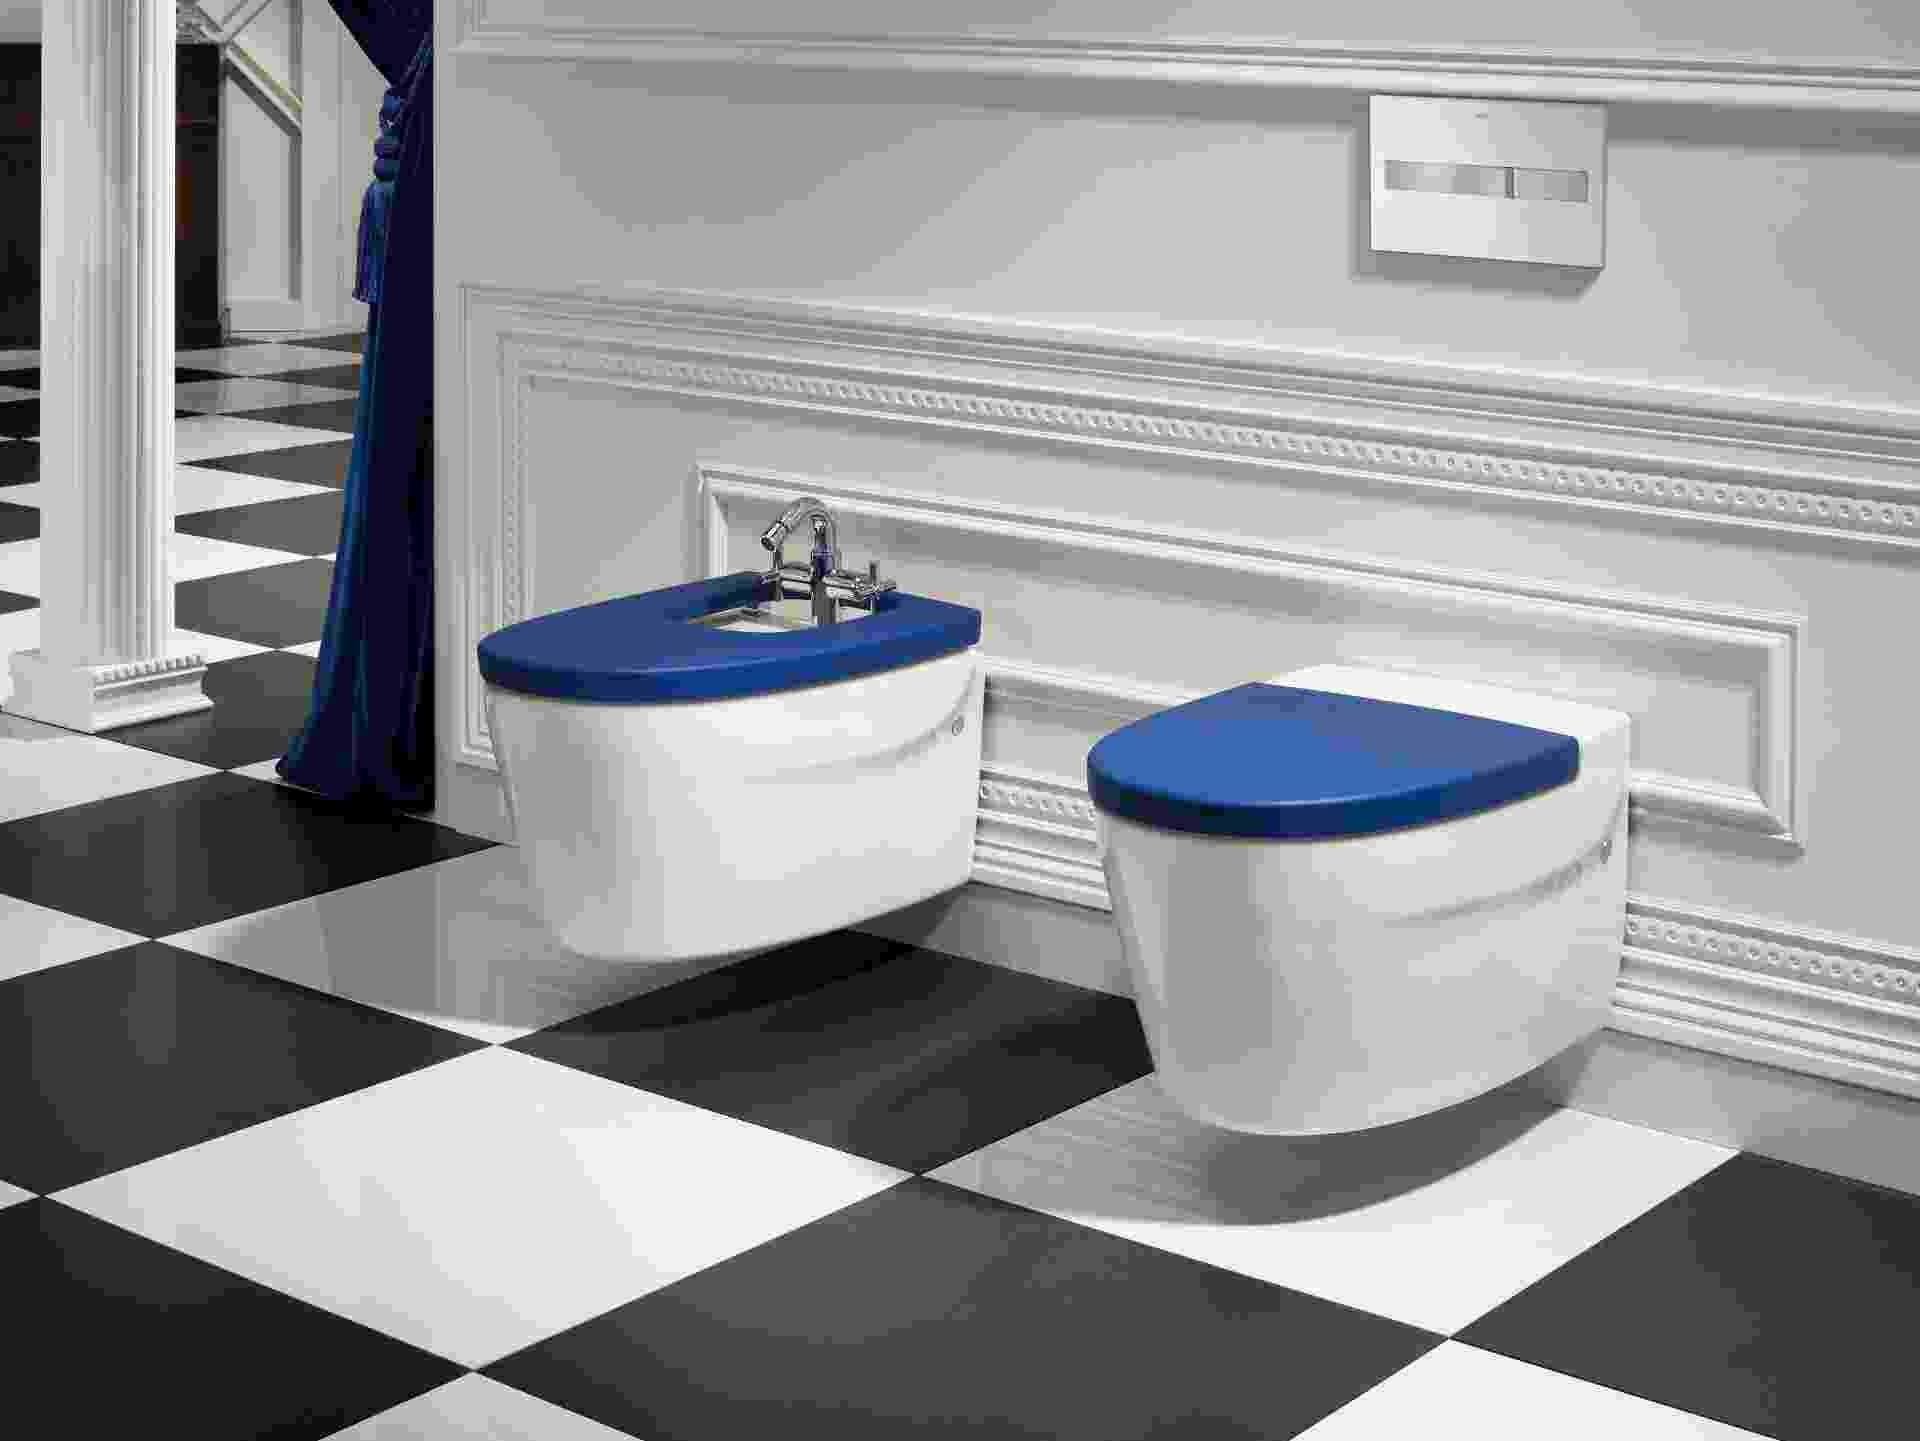 A bacia sanitária Khroma da Roca (www.br.roca.com) compõe a coleção assinada pelo designer austríaco Erwin Leo Himmel - Divulgação